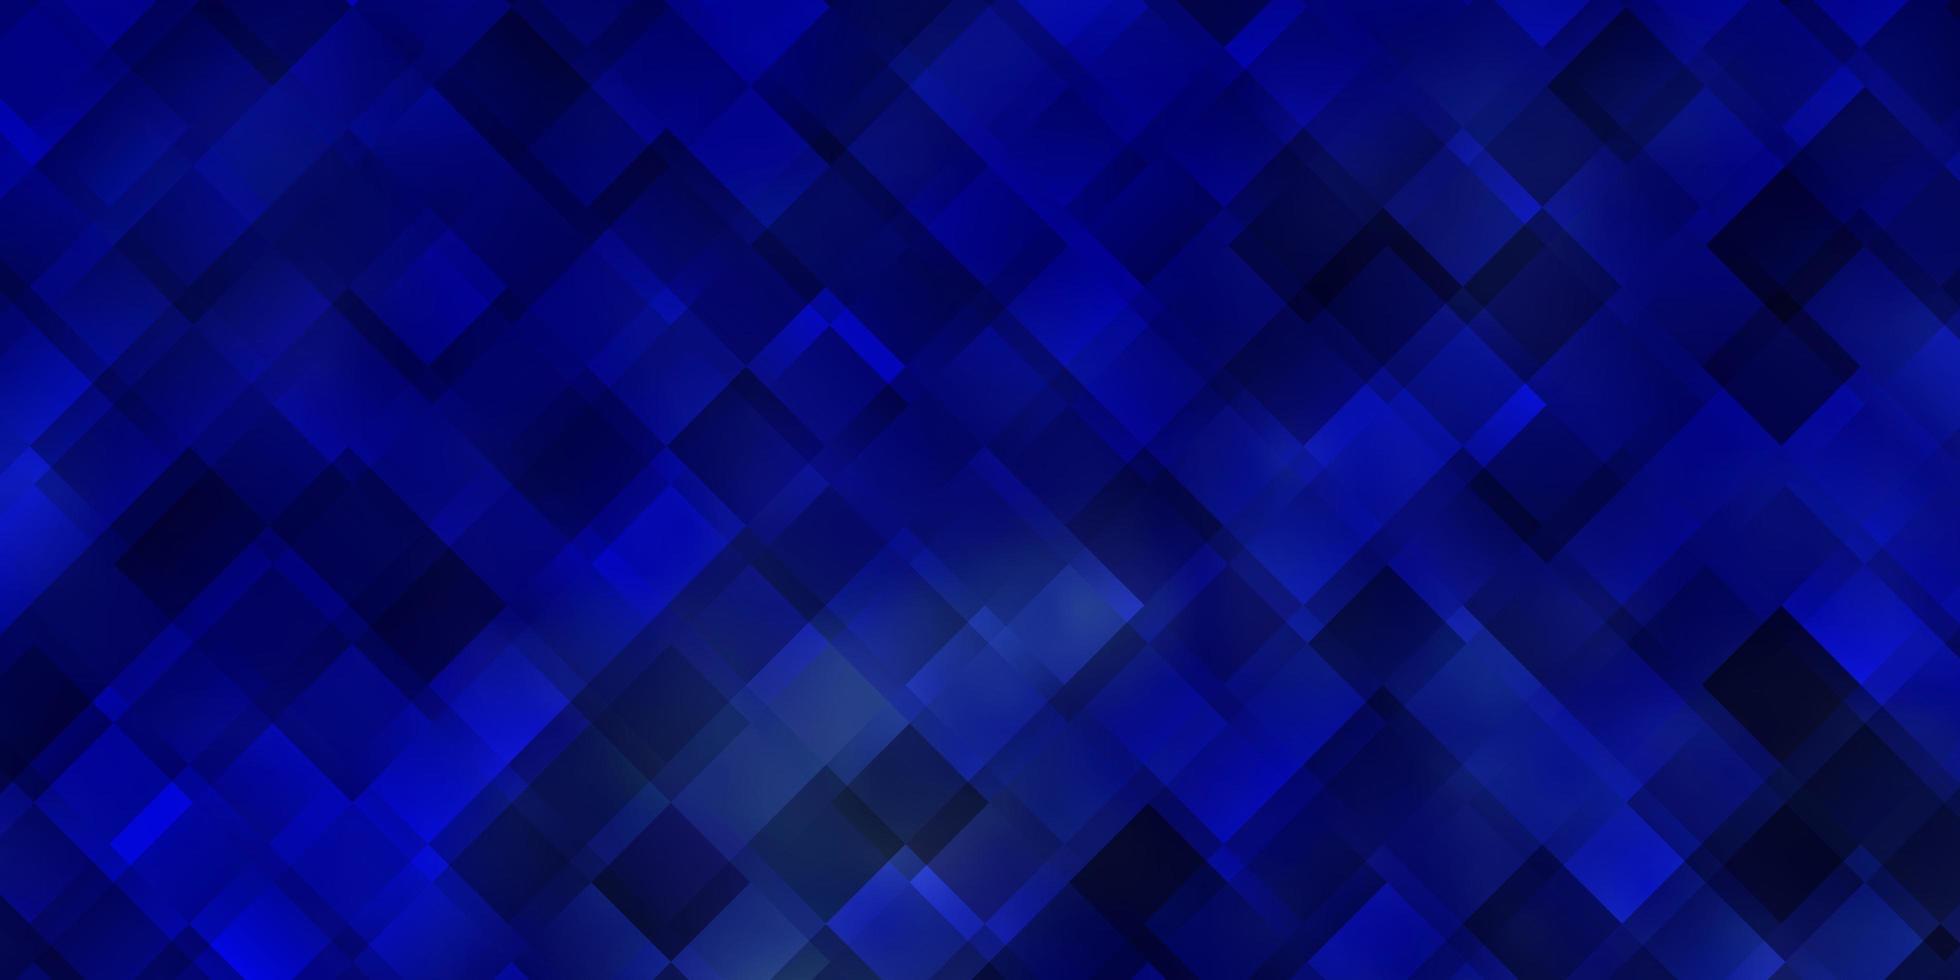 fundo vector azul claro com retângulos.